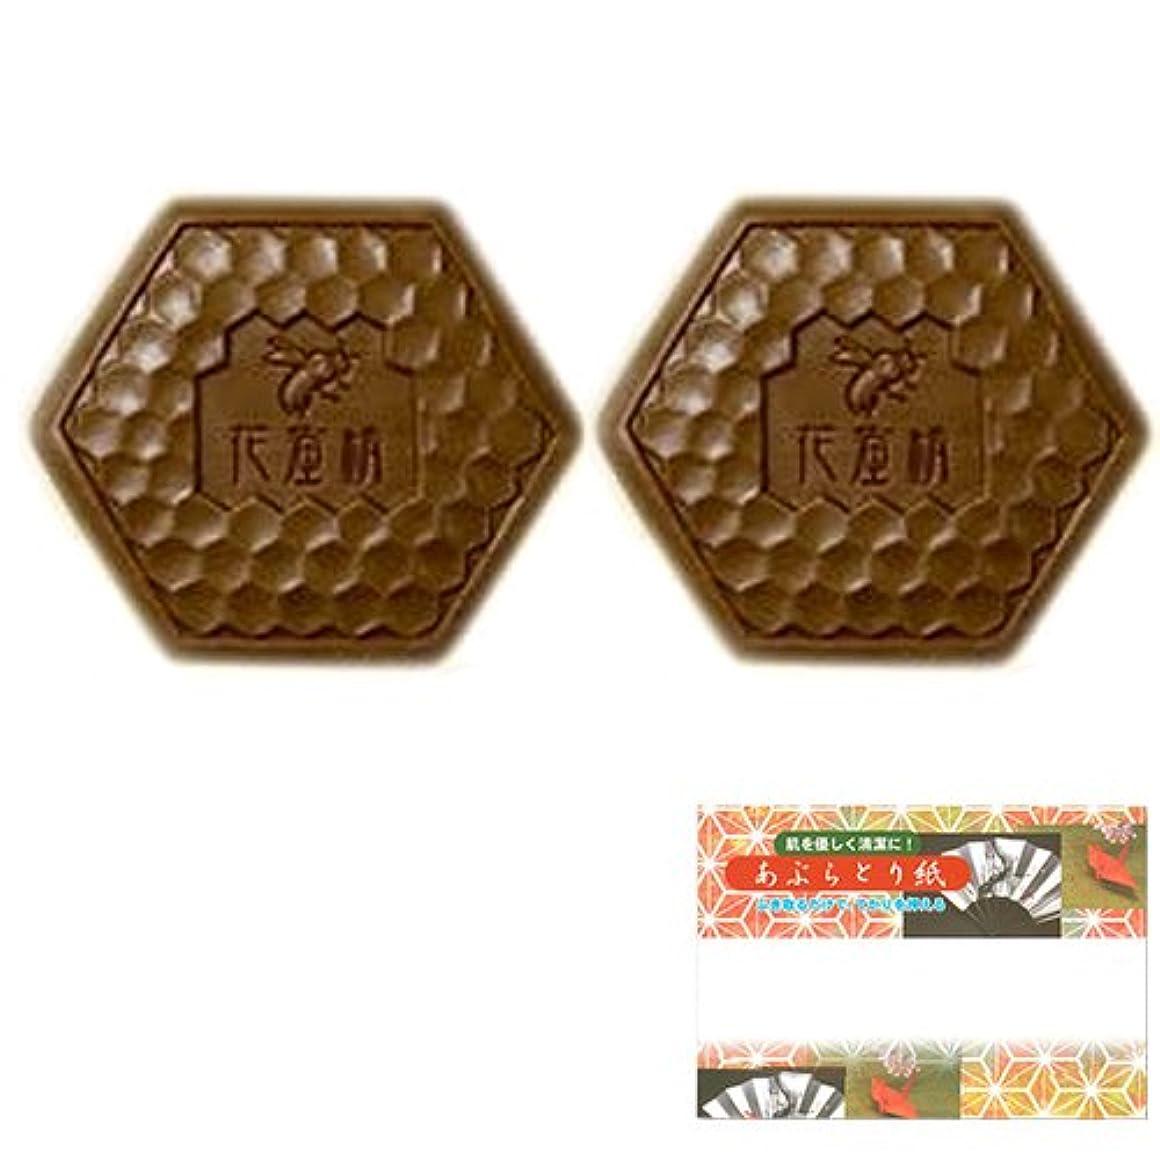 目指すスチュワード叫ぶフェニックス 花蜜精(かみつせい) はちみつ クレンジングソープ 2個 + 高級あぶらとり紙セット